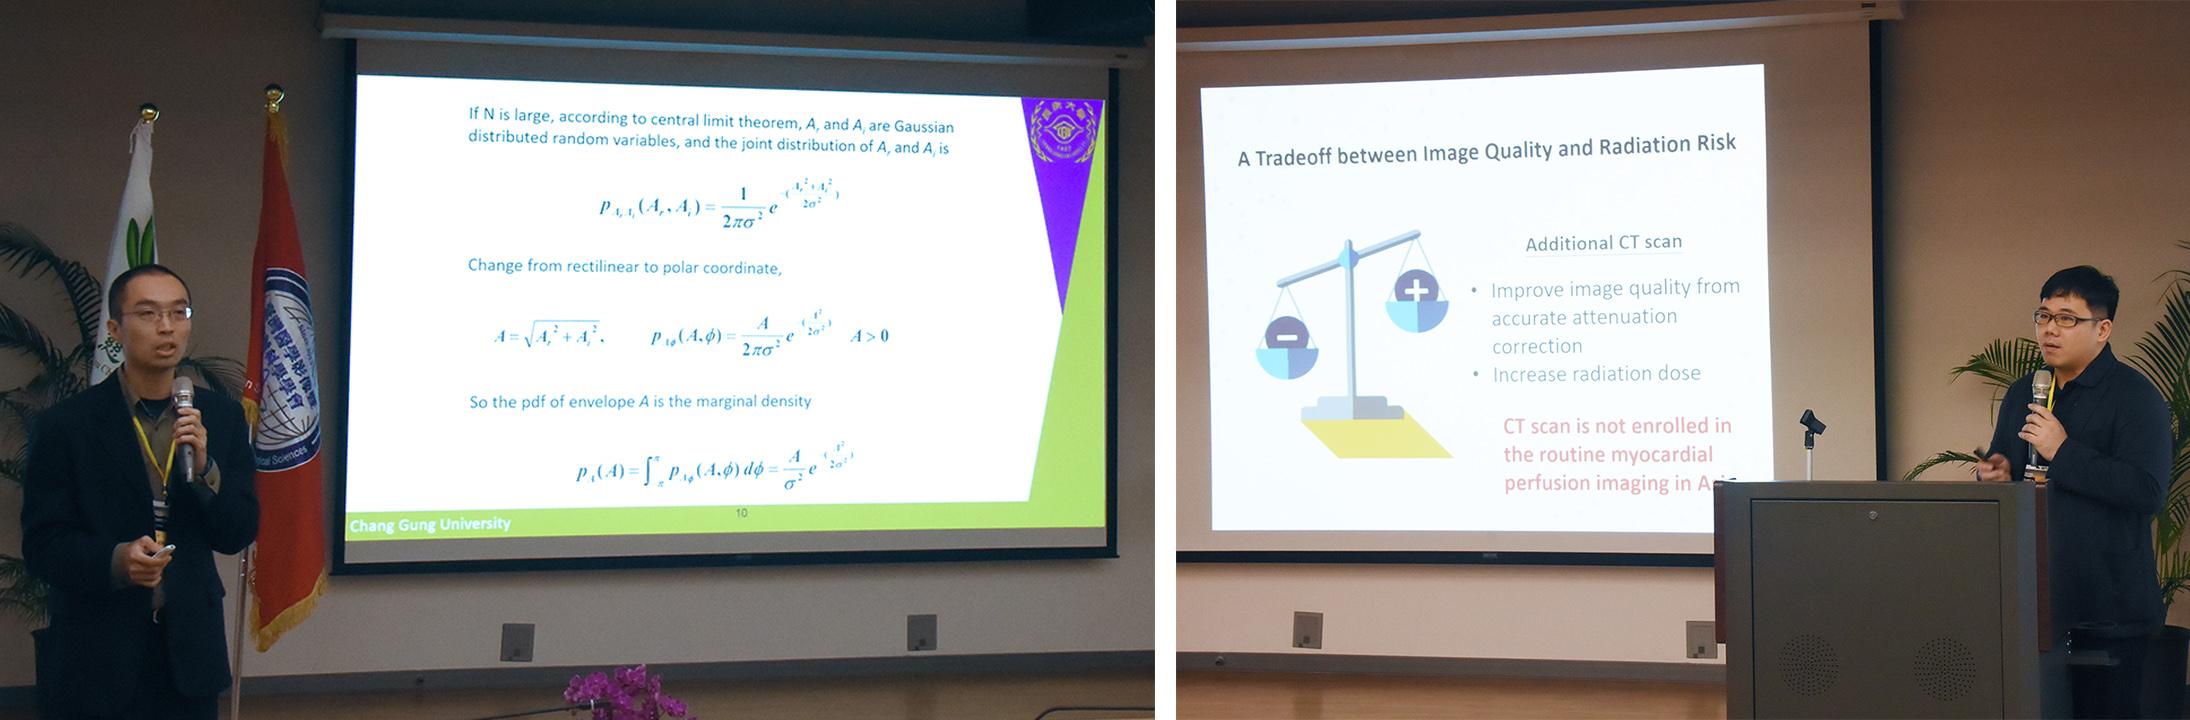 左圖崔博翔教授主講「由回散射進行超音波組織特性分析」。右圖林信宏博士主講「基於學習神經網路的新式單光子斷層掃描之衰減修正方法」。